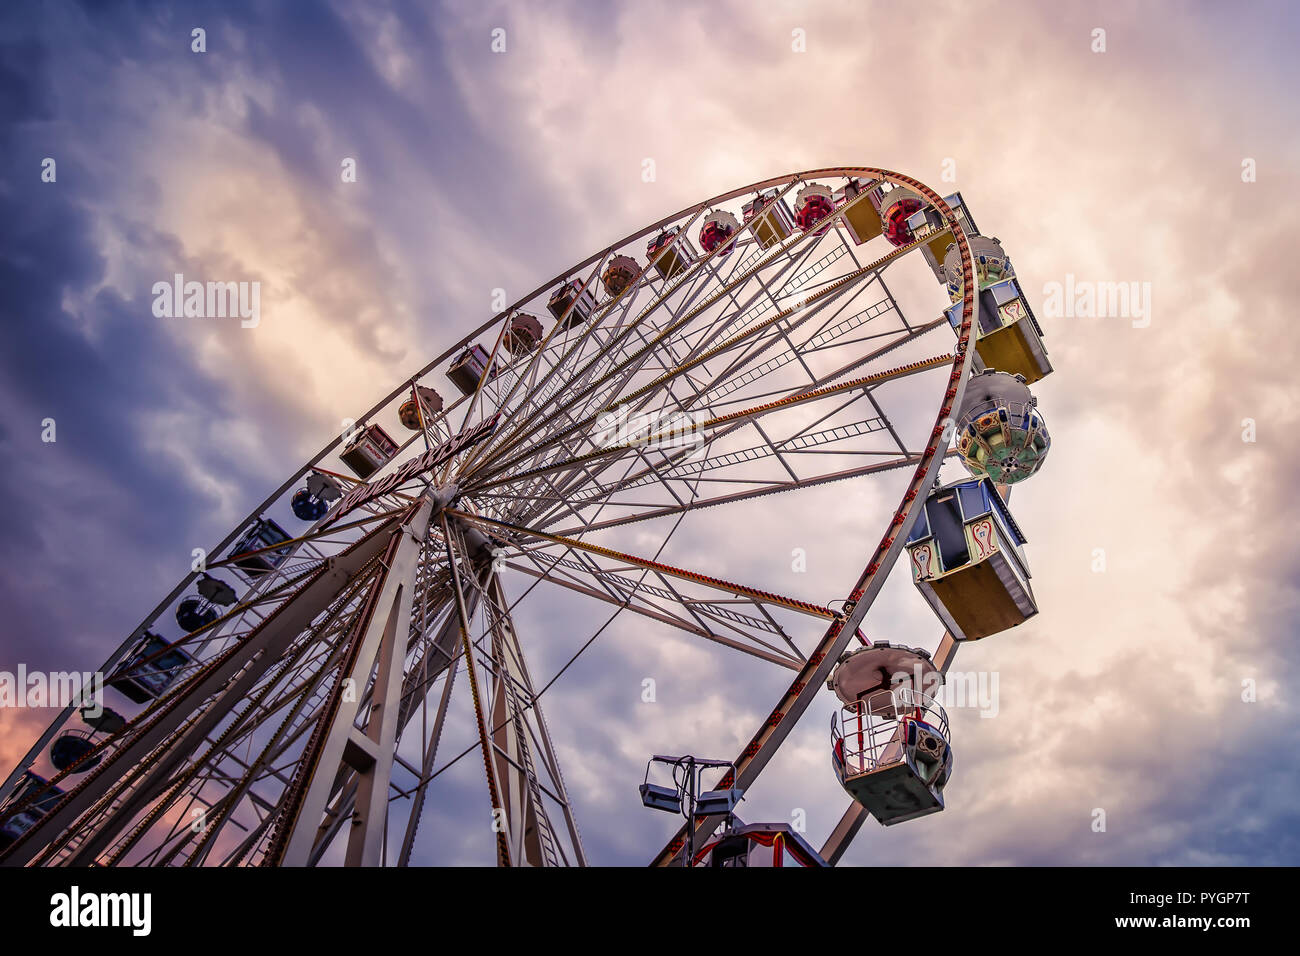 Riesenrad am frühen Morgen - Stock Image